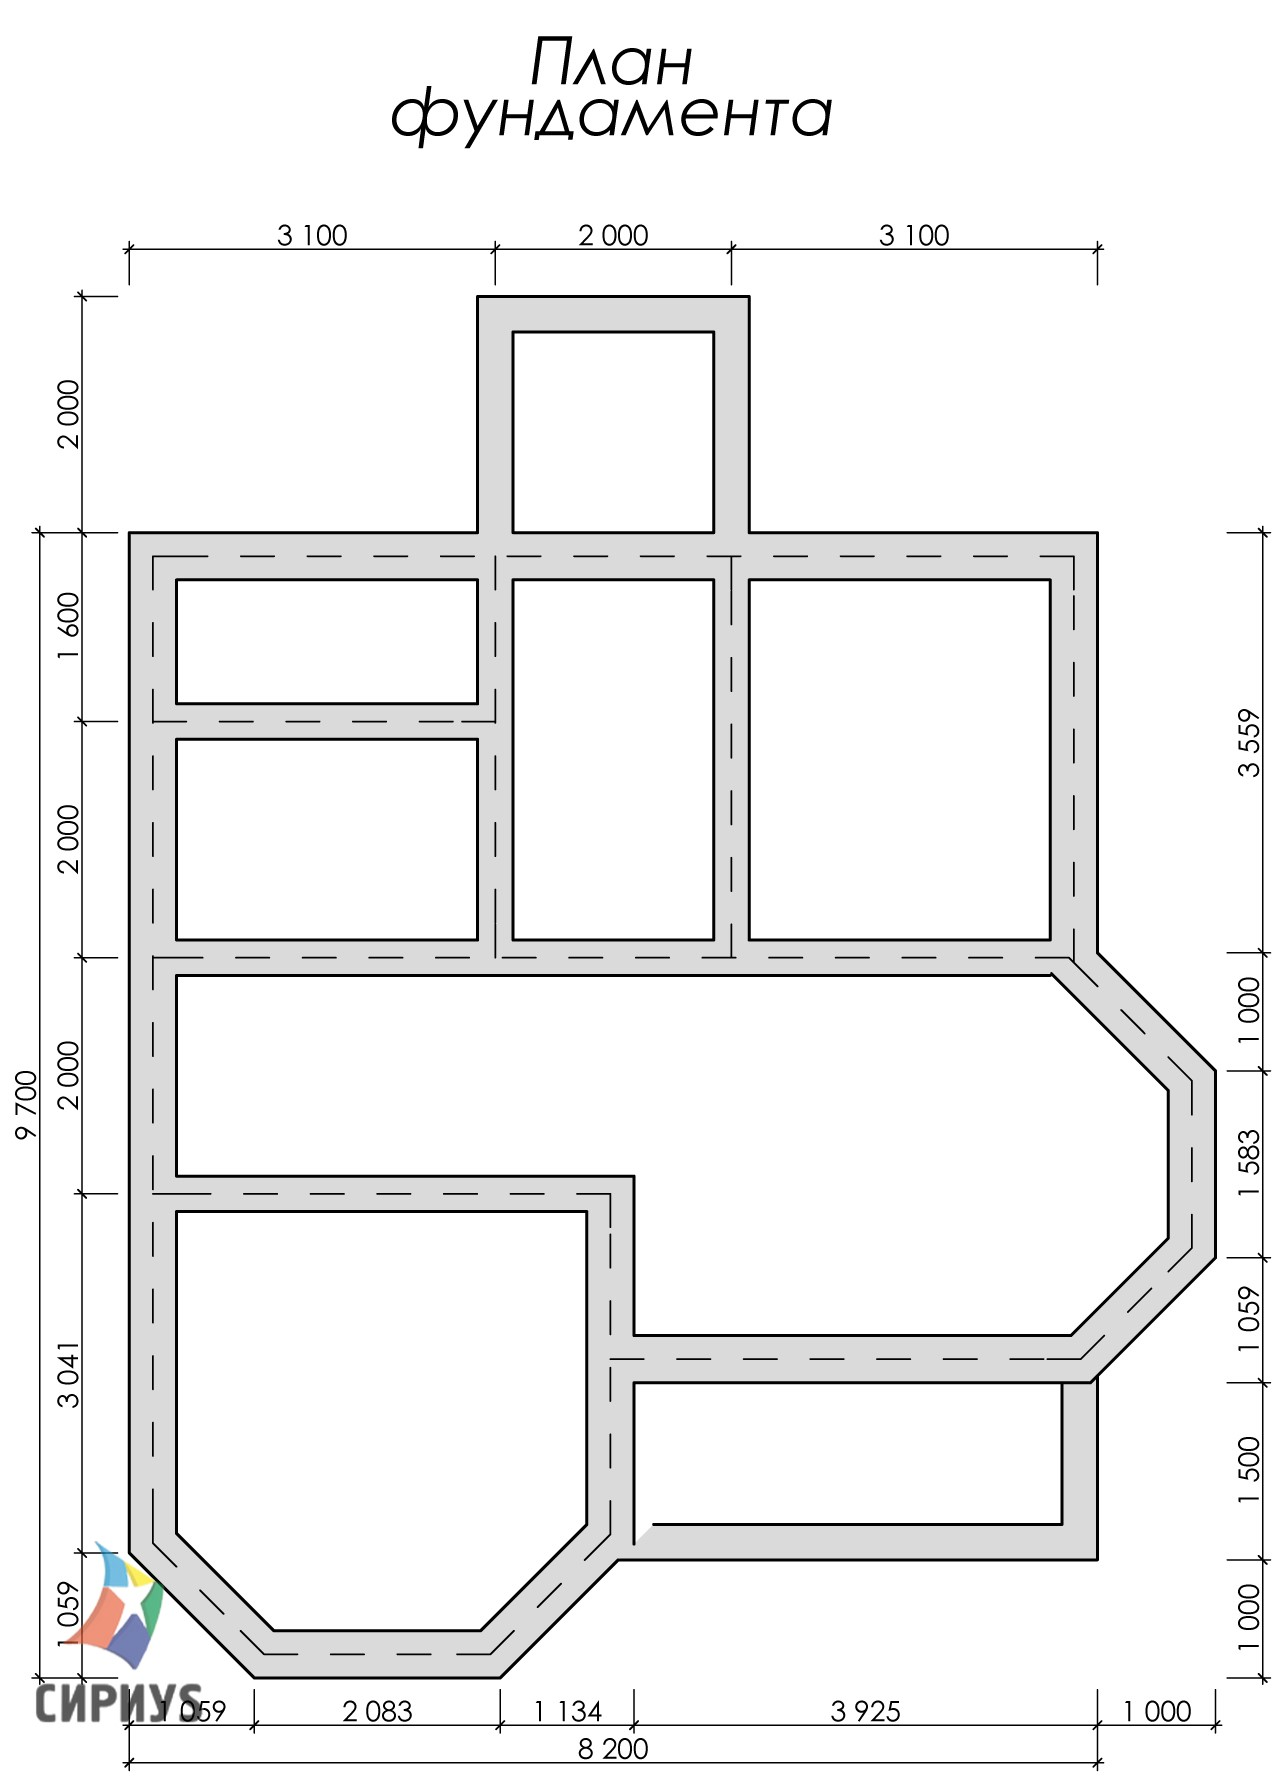 Дом из бруса БСУ-УС 55